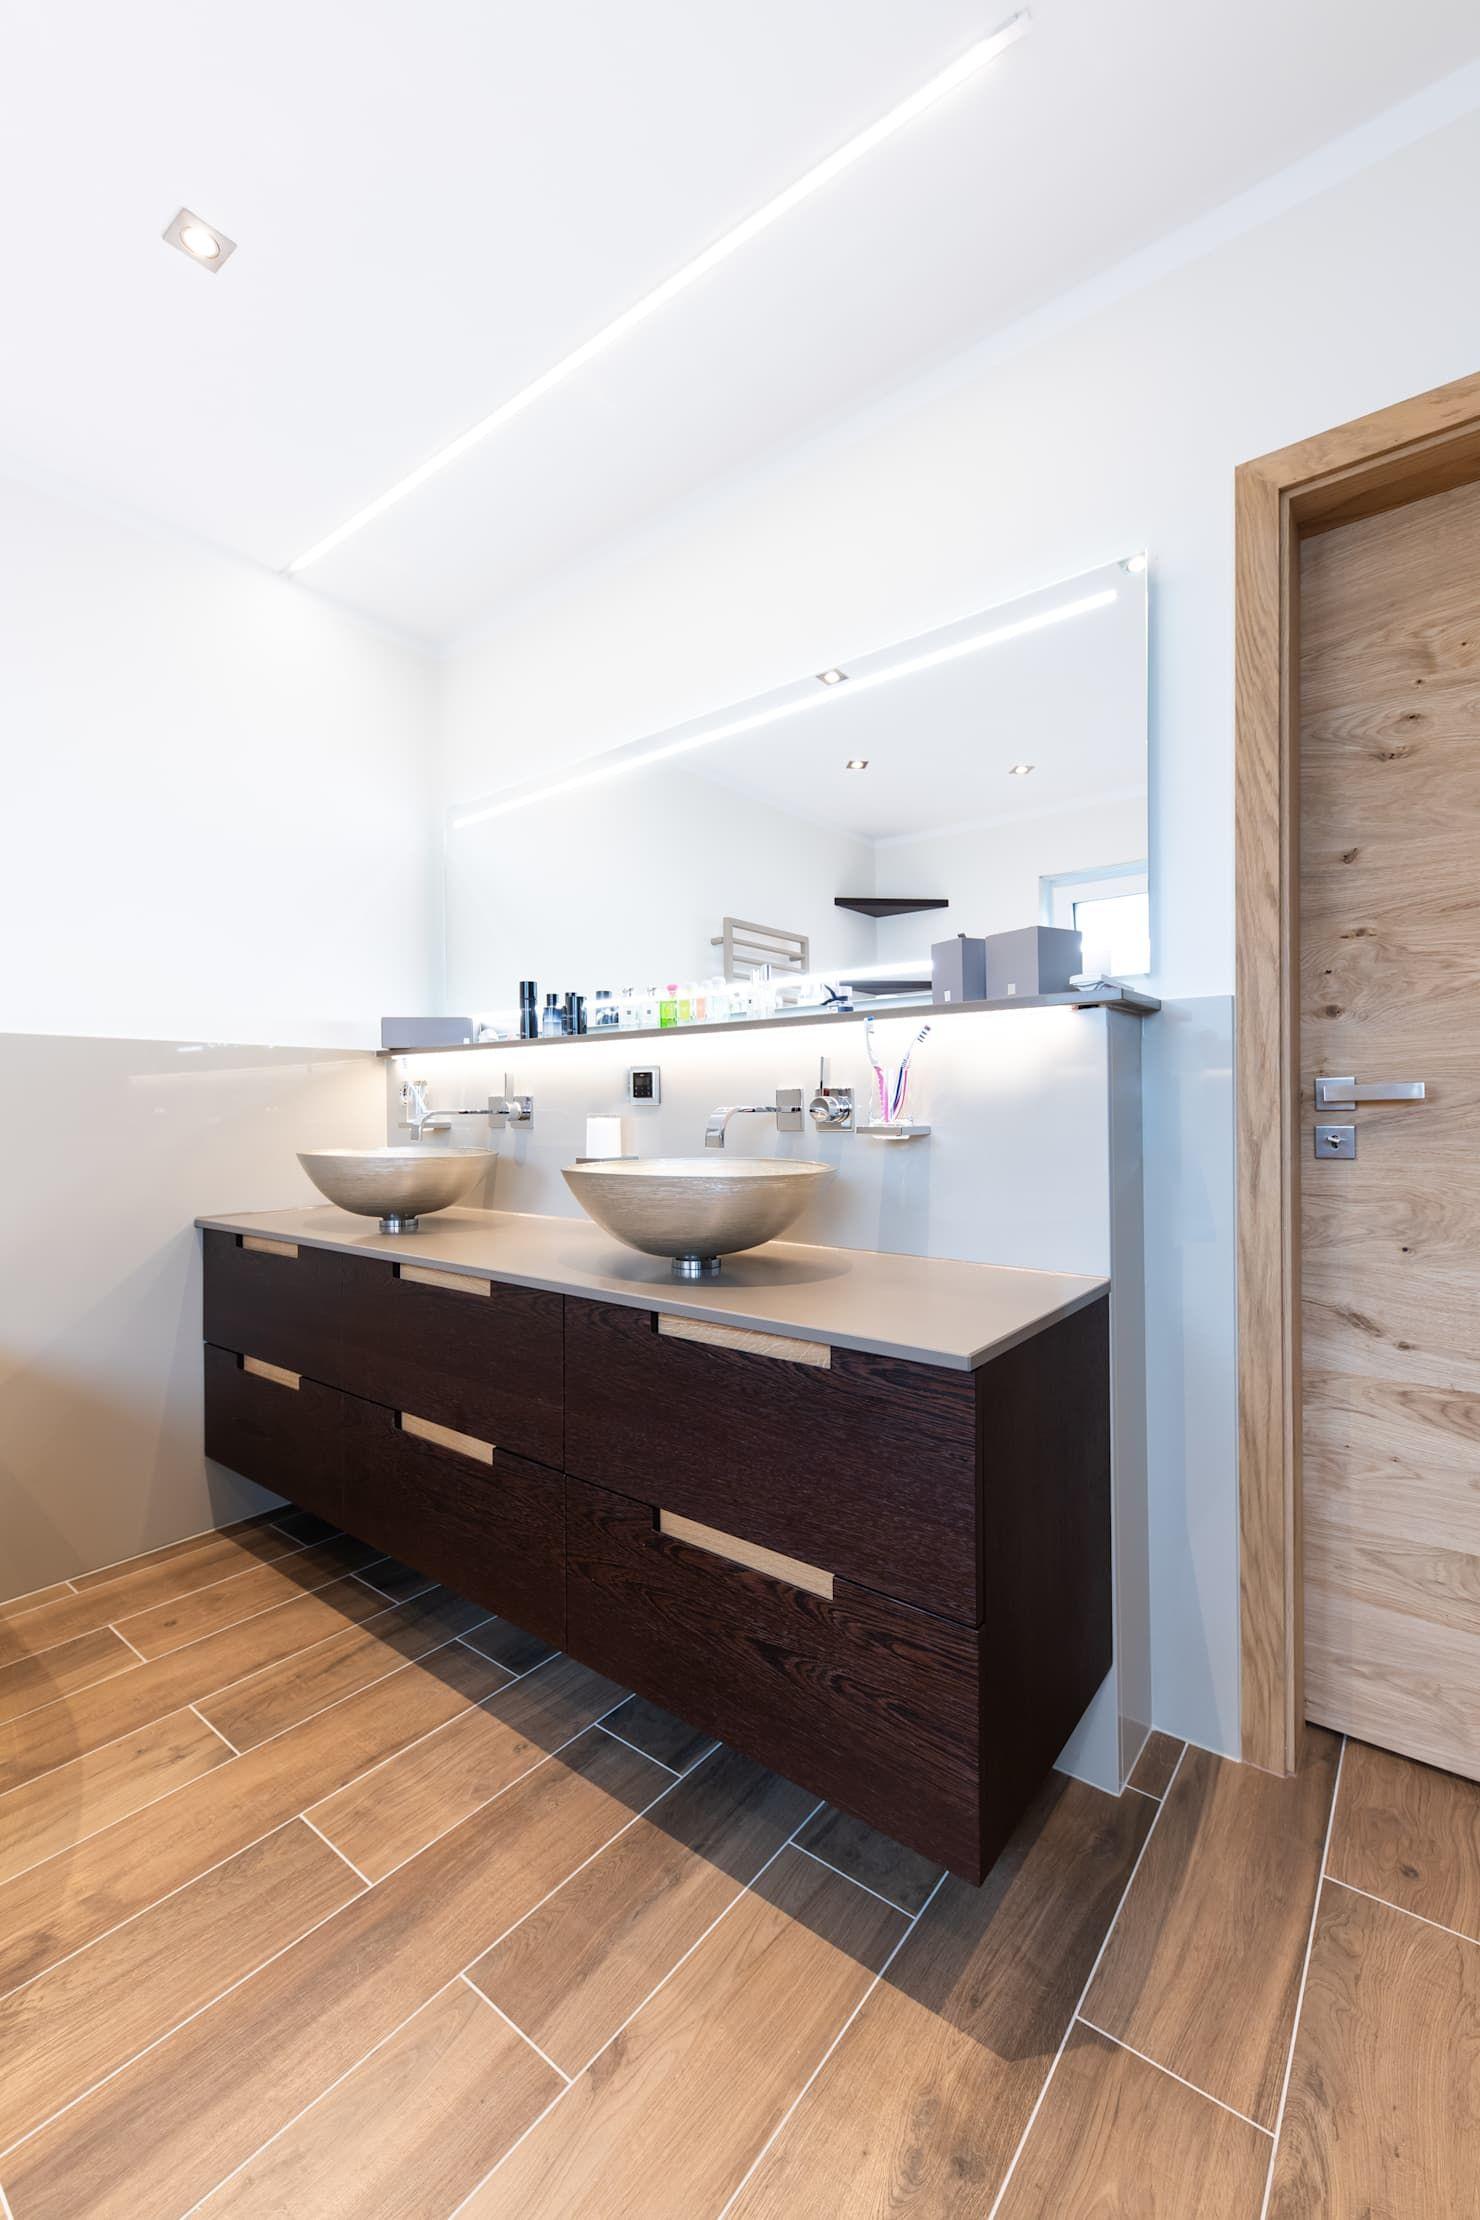 Edle Ruckwand Und Waschtischgestaltung Mit Quarzkomposite Badezimmer Von Natursteine Mulbach Gmbh Badezimmerboden Badezimmer Boden Duschboden